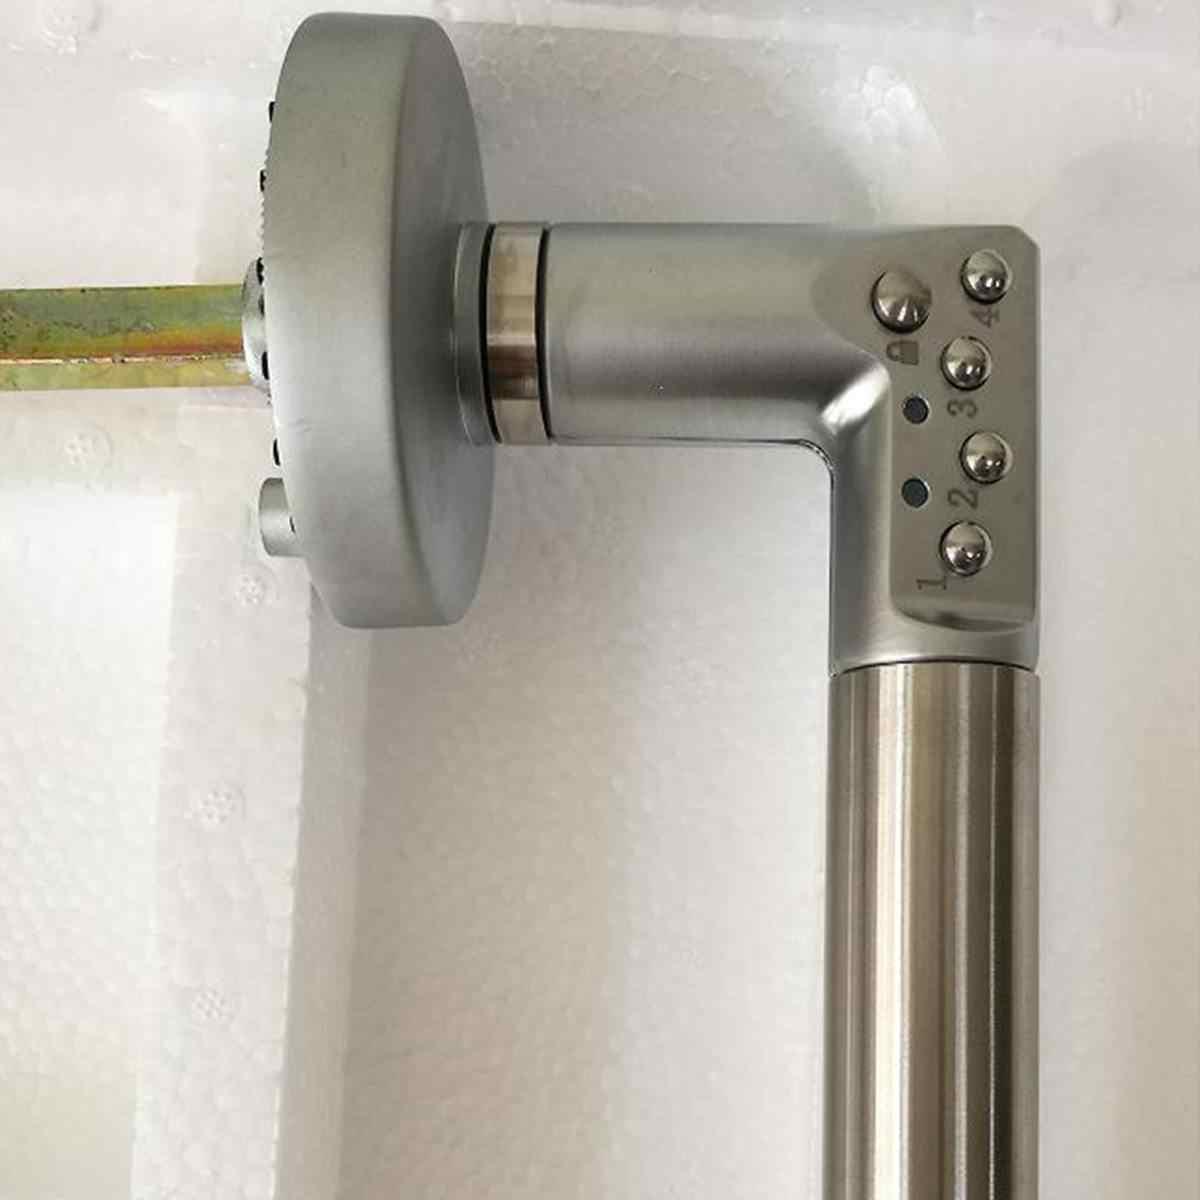 Botão Combinação Código Keyless Bloqueio Alças de aço Inoxidável Casa Segura Eletrônico Fechadura Da Porta Esquerda/Direita Poder por Baterias